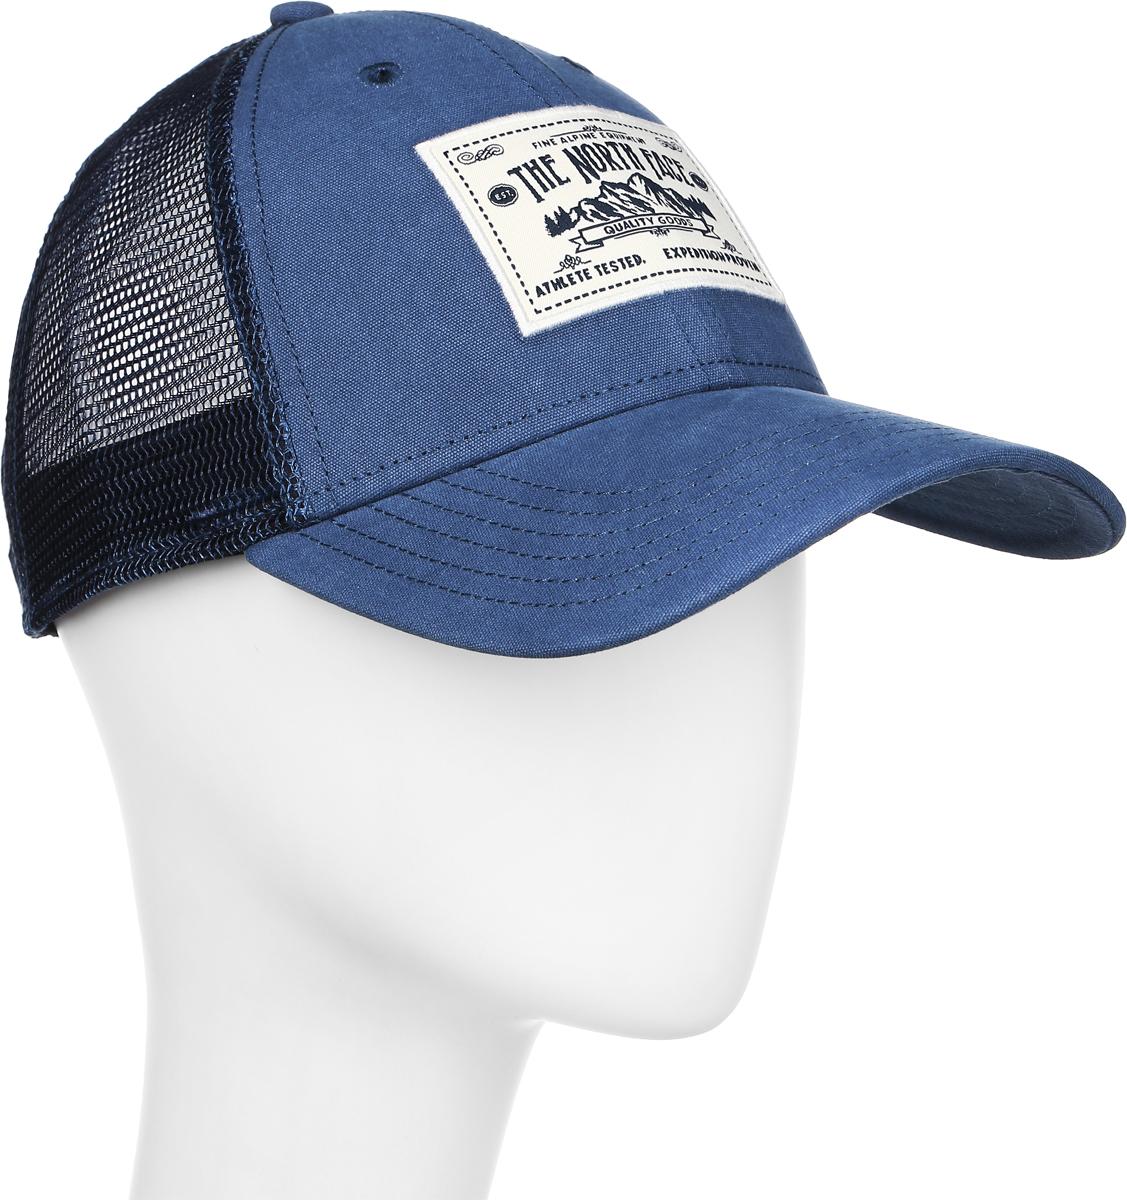 Бейсболка The North Face Mudder Trucker Hat, цвет: голубой. T0CGW2HDC. Размер универсальныйT0CGW2HDCСтильная бейсболка The North Face Mudder Trucker Hat, выполненная из натурального хлопка, идеально подойдет для прогулок, занятия спортом и отдыха. Она надежно защитит вас от солнца и ветра. Классическая кепка с сетчатой задней частью станет правильным выбором. Изделие оформлено нашивкой с логотипом бренда. Объем бейсболки регулируется пластиковым фиксатором.Ничто не говорит о настоящем любителе путешествий больше, чем любимая кепка - такая как эта классическая кепка Mudder Trucker Hat, выполненная в состаренном винтажном стиле. Эта модель станет отличным аксессуаром и дополнит ваш повседневный образ.